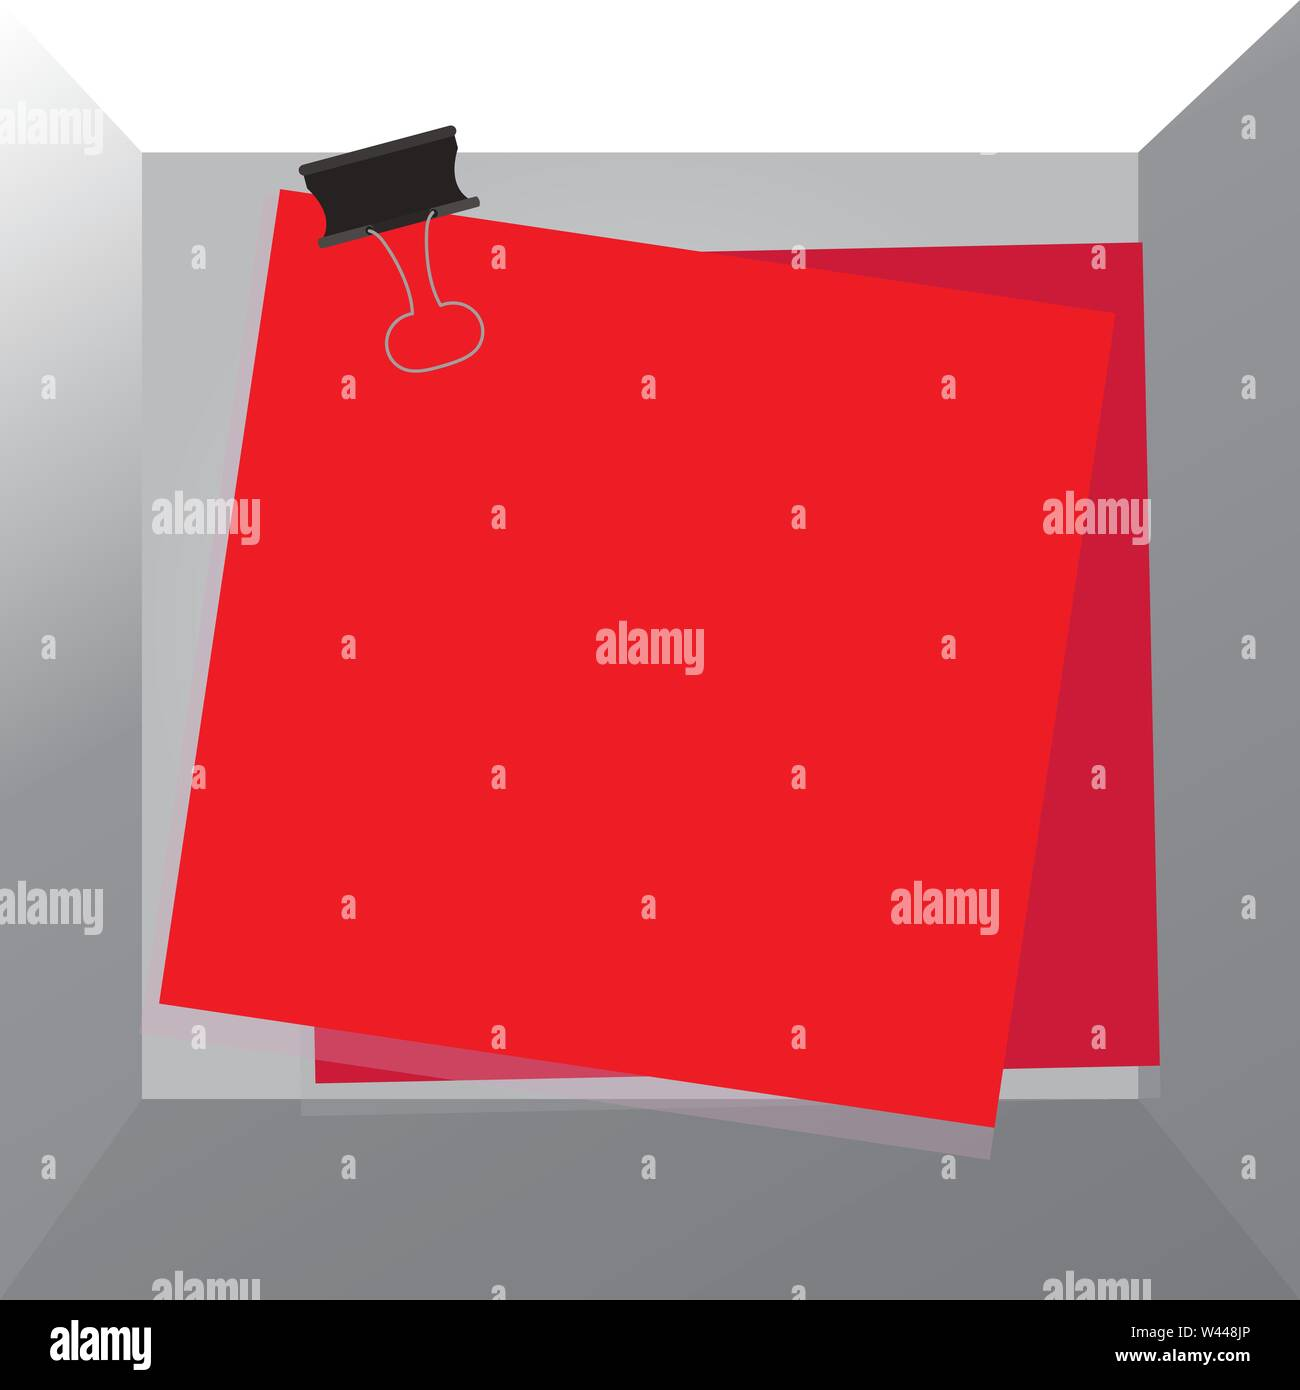 Carta bloccata binder clip sfondo colorato memo promemoria ufficio business di alimentazione modello vuoto per la disposizione di invito biglietto di auguri promozione post Immagini Stock